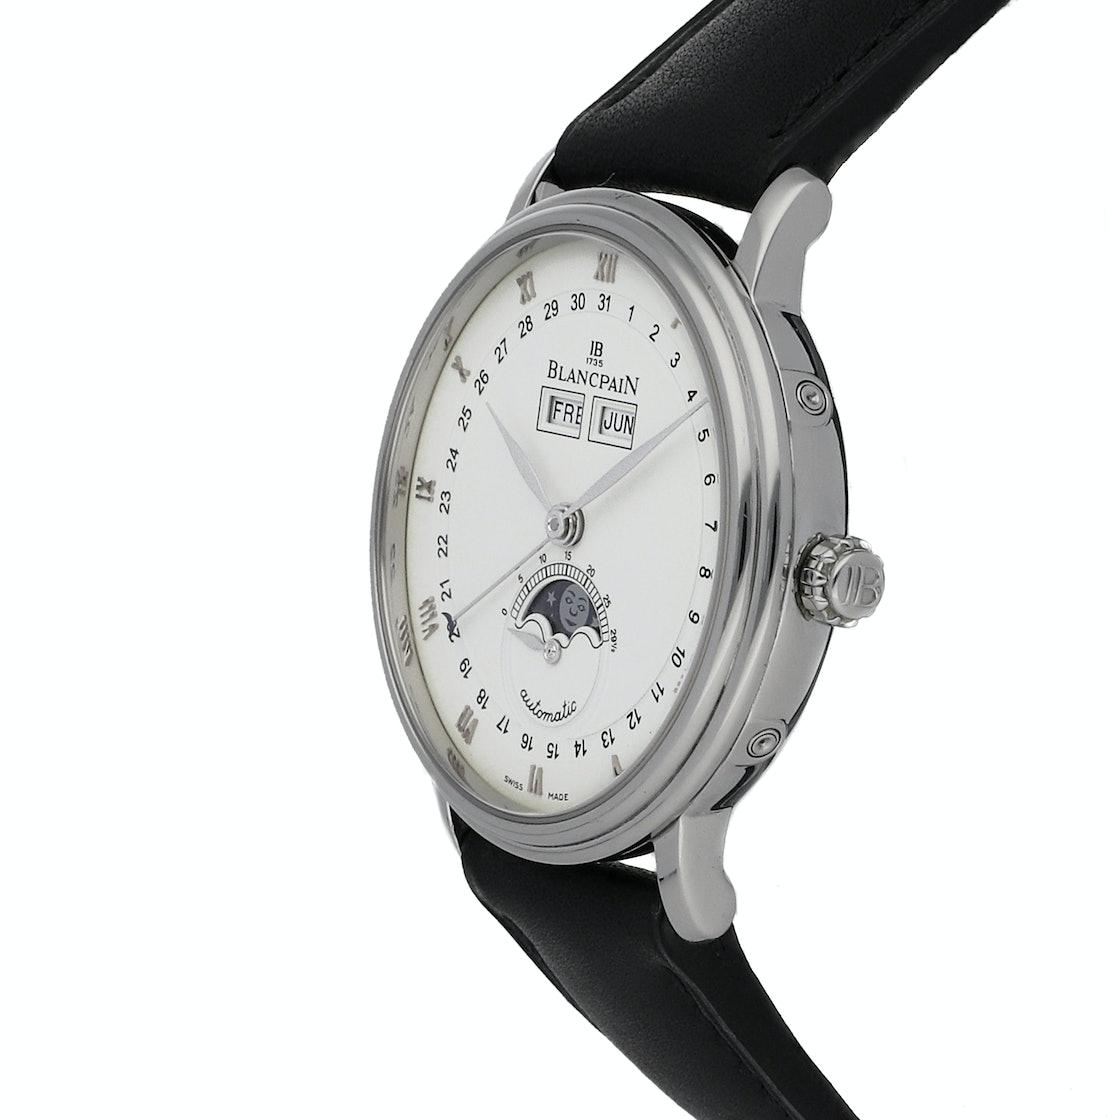 Blancpain Villeret Quantieme Complet 6263-1127-55